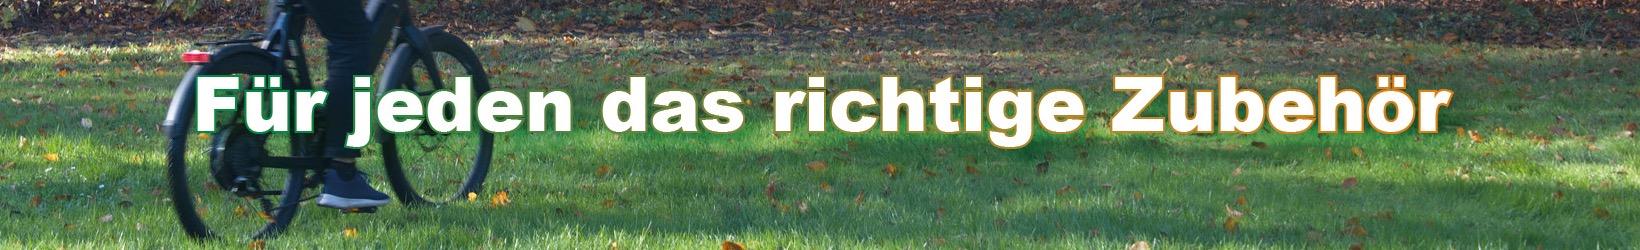 Für jeden das richtige Zubehör - Foto und Grafik: Katharina Für jeden das richtige Zubehör bei Zweirad-Heins - Foto und Grafik: Katharina Hansen-GluschitzHansen-Gluschitz